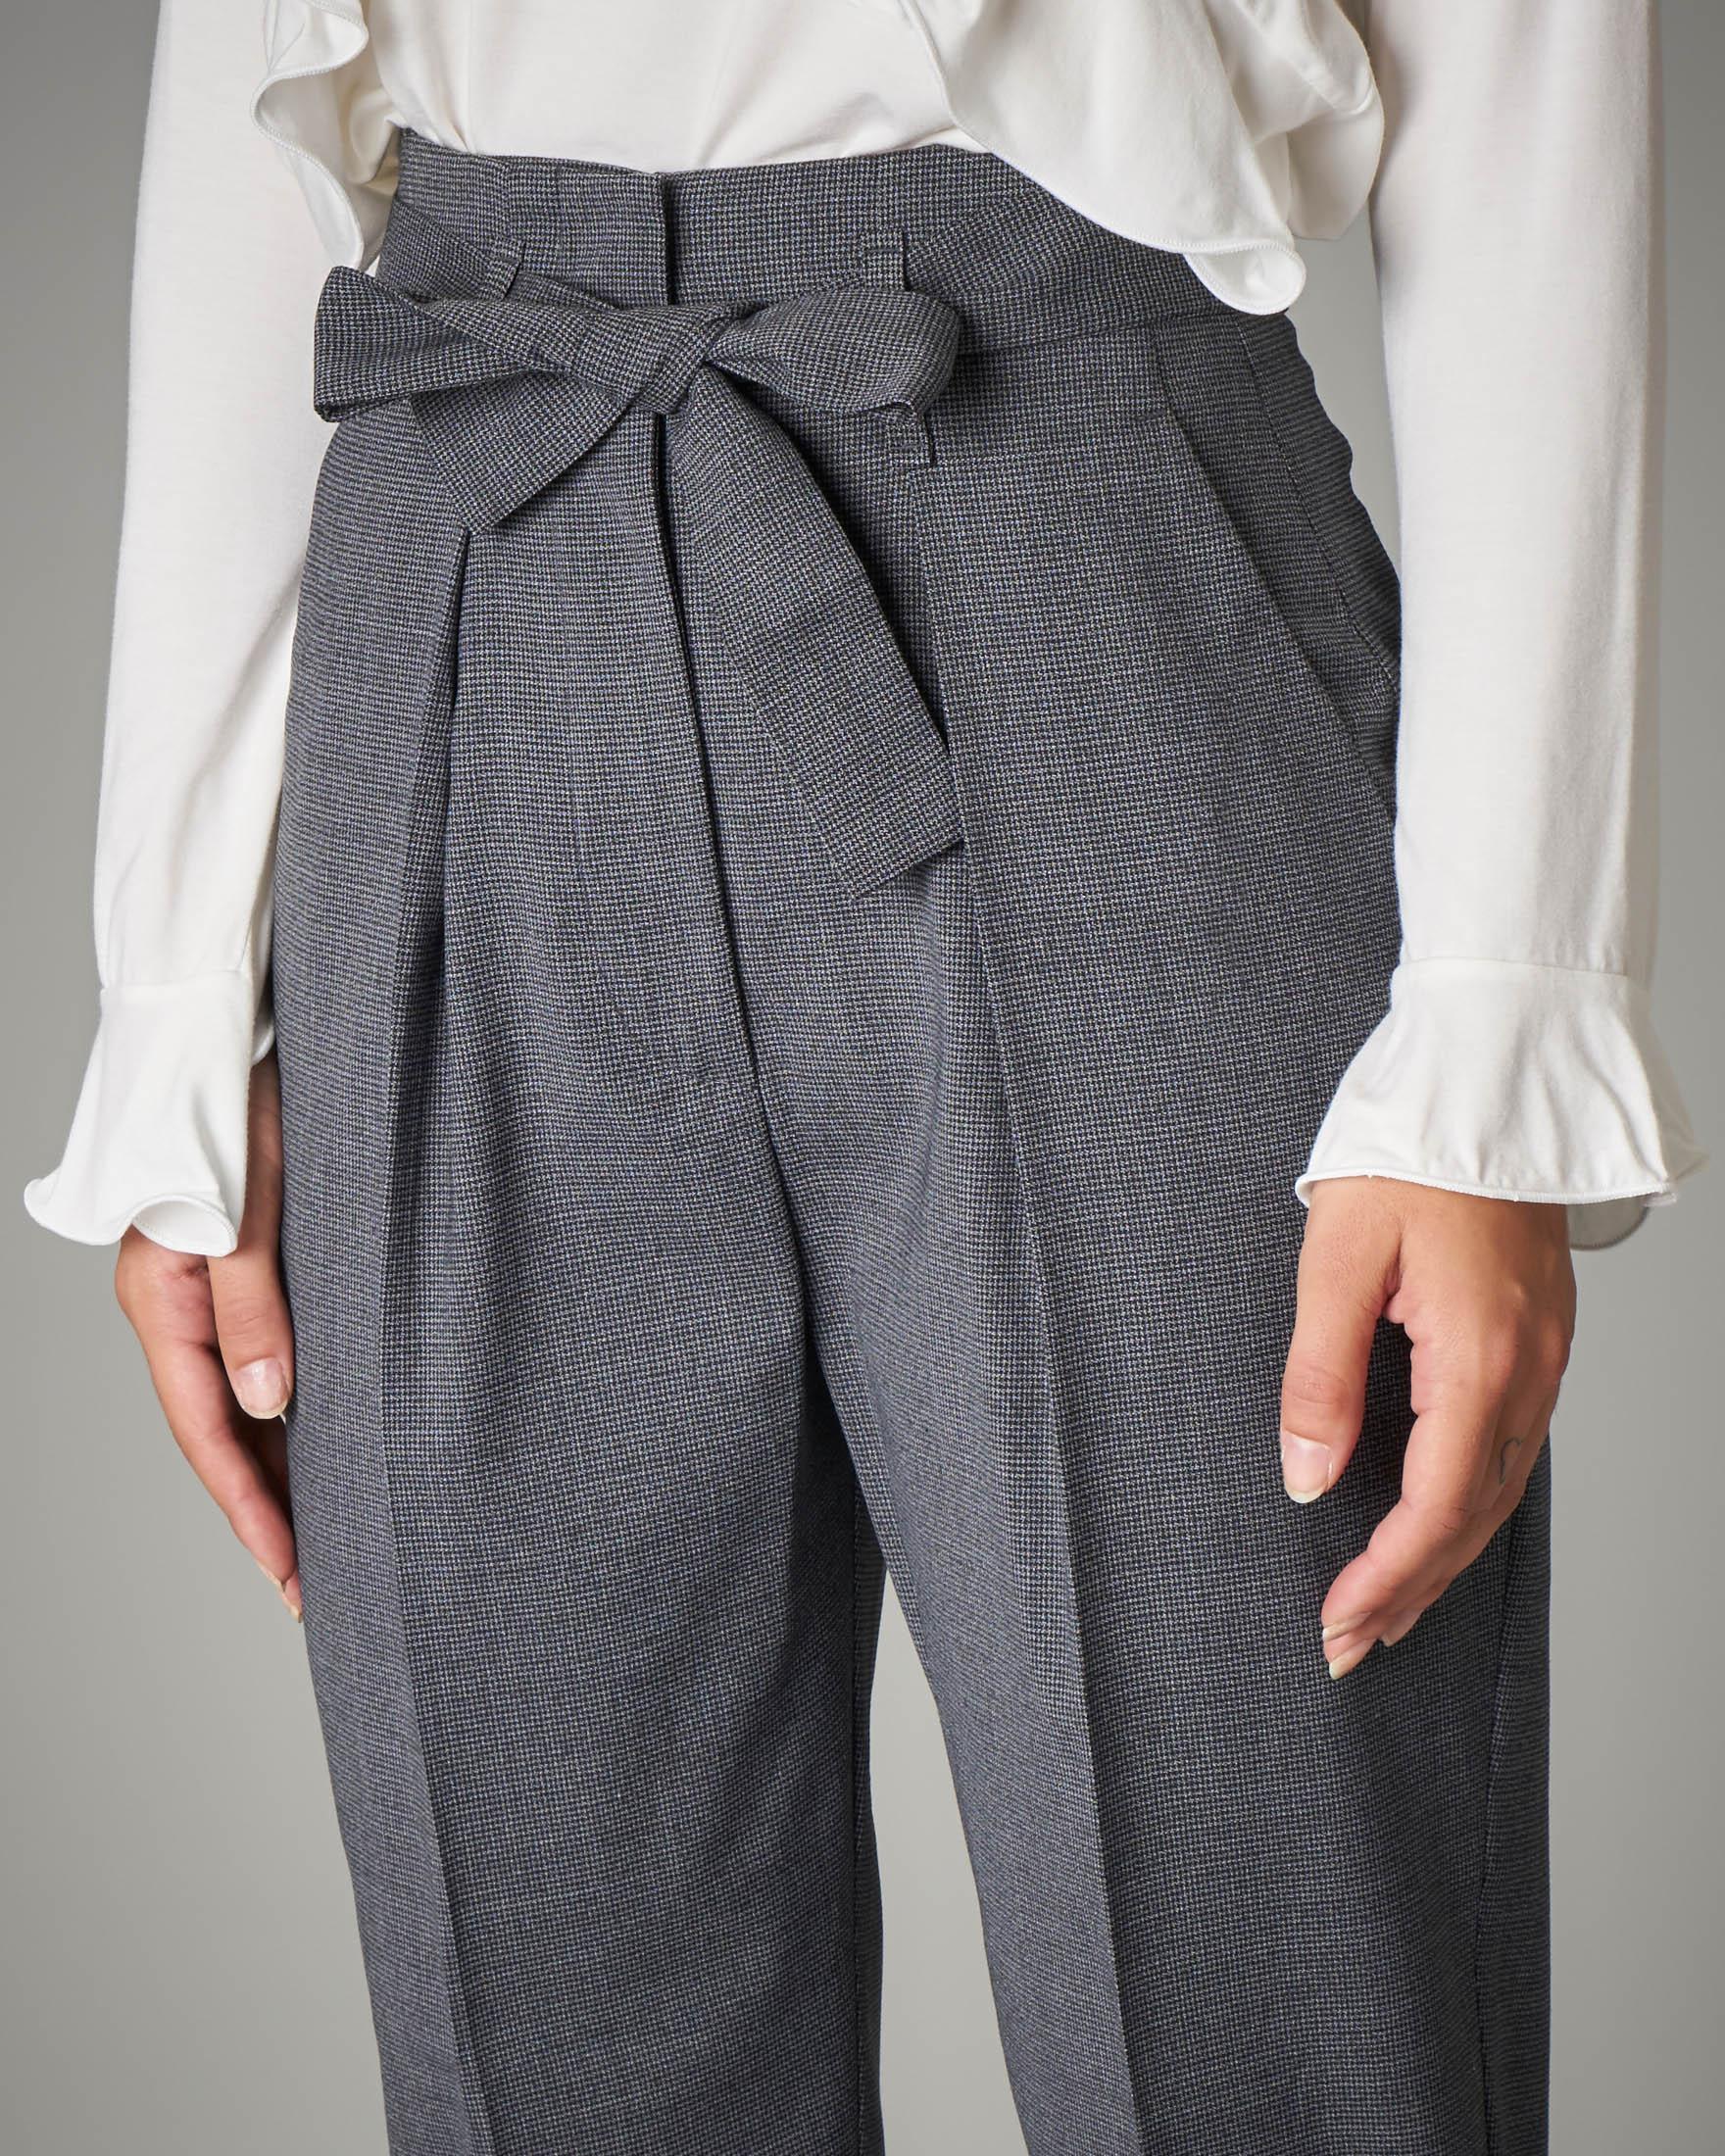 Pantalone in principe di galles con fusciacca